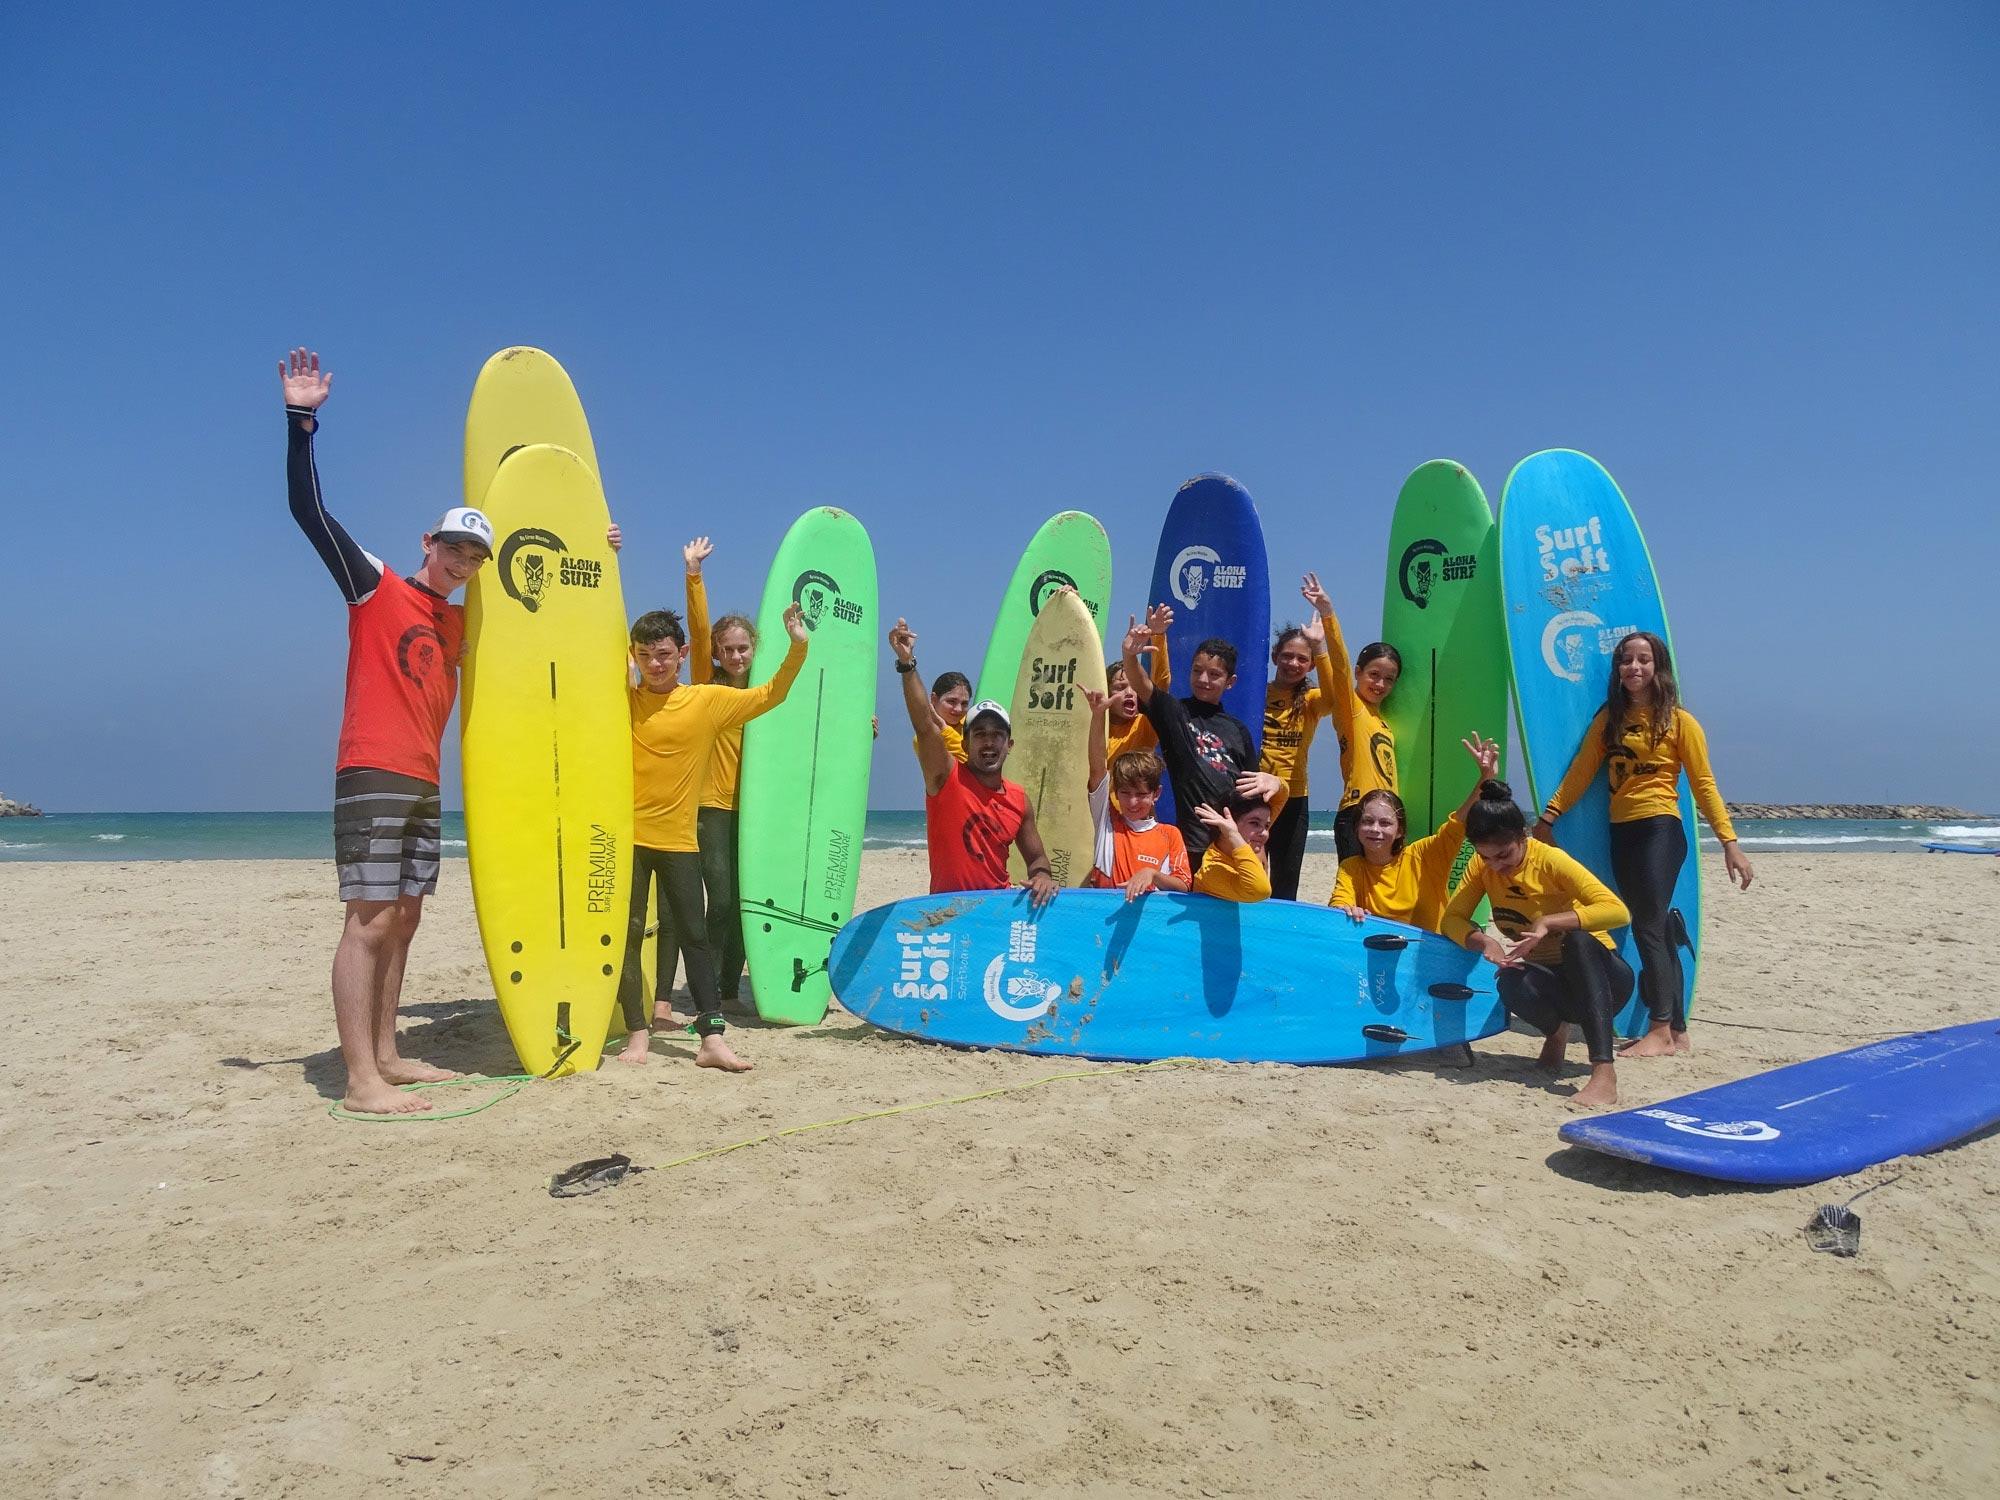 Surf camp for kids in Herzliya